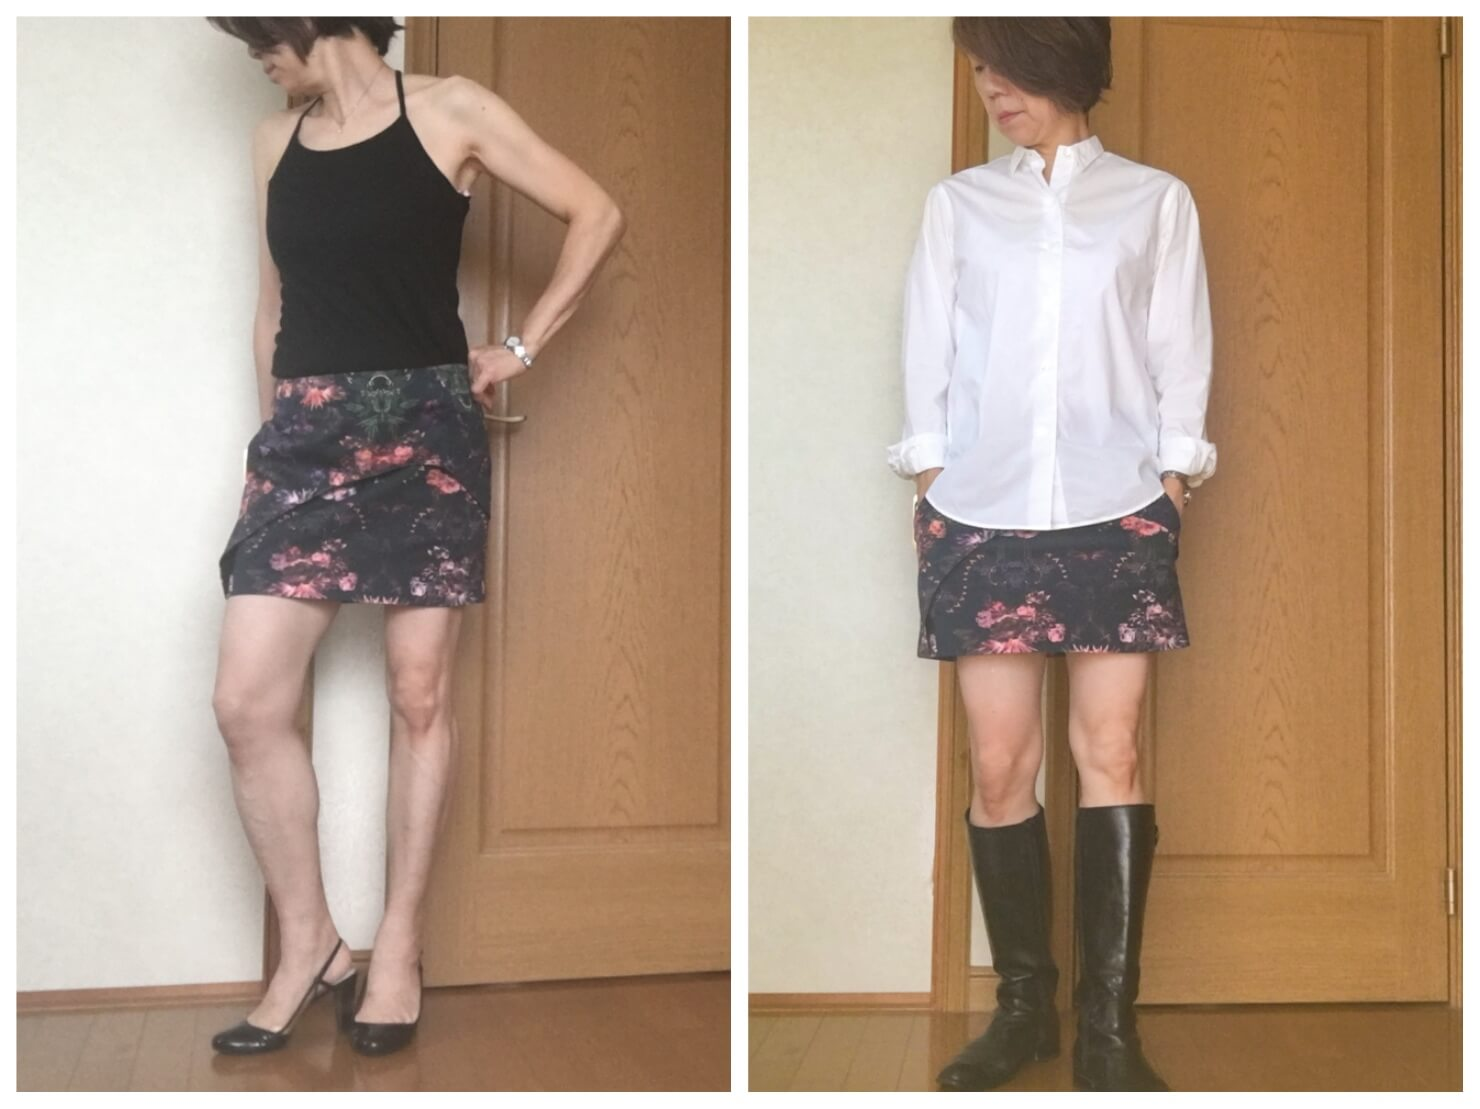 ミニスカートの痛いファッションと痛くないファッションの写真